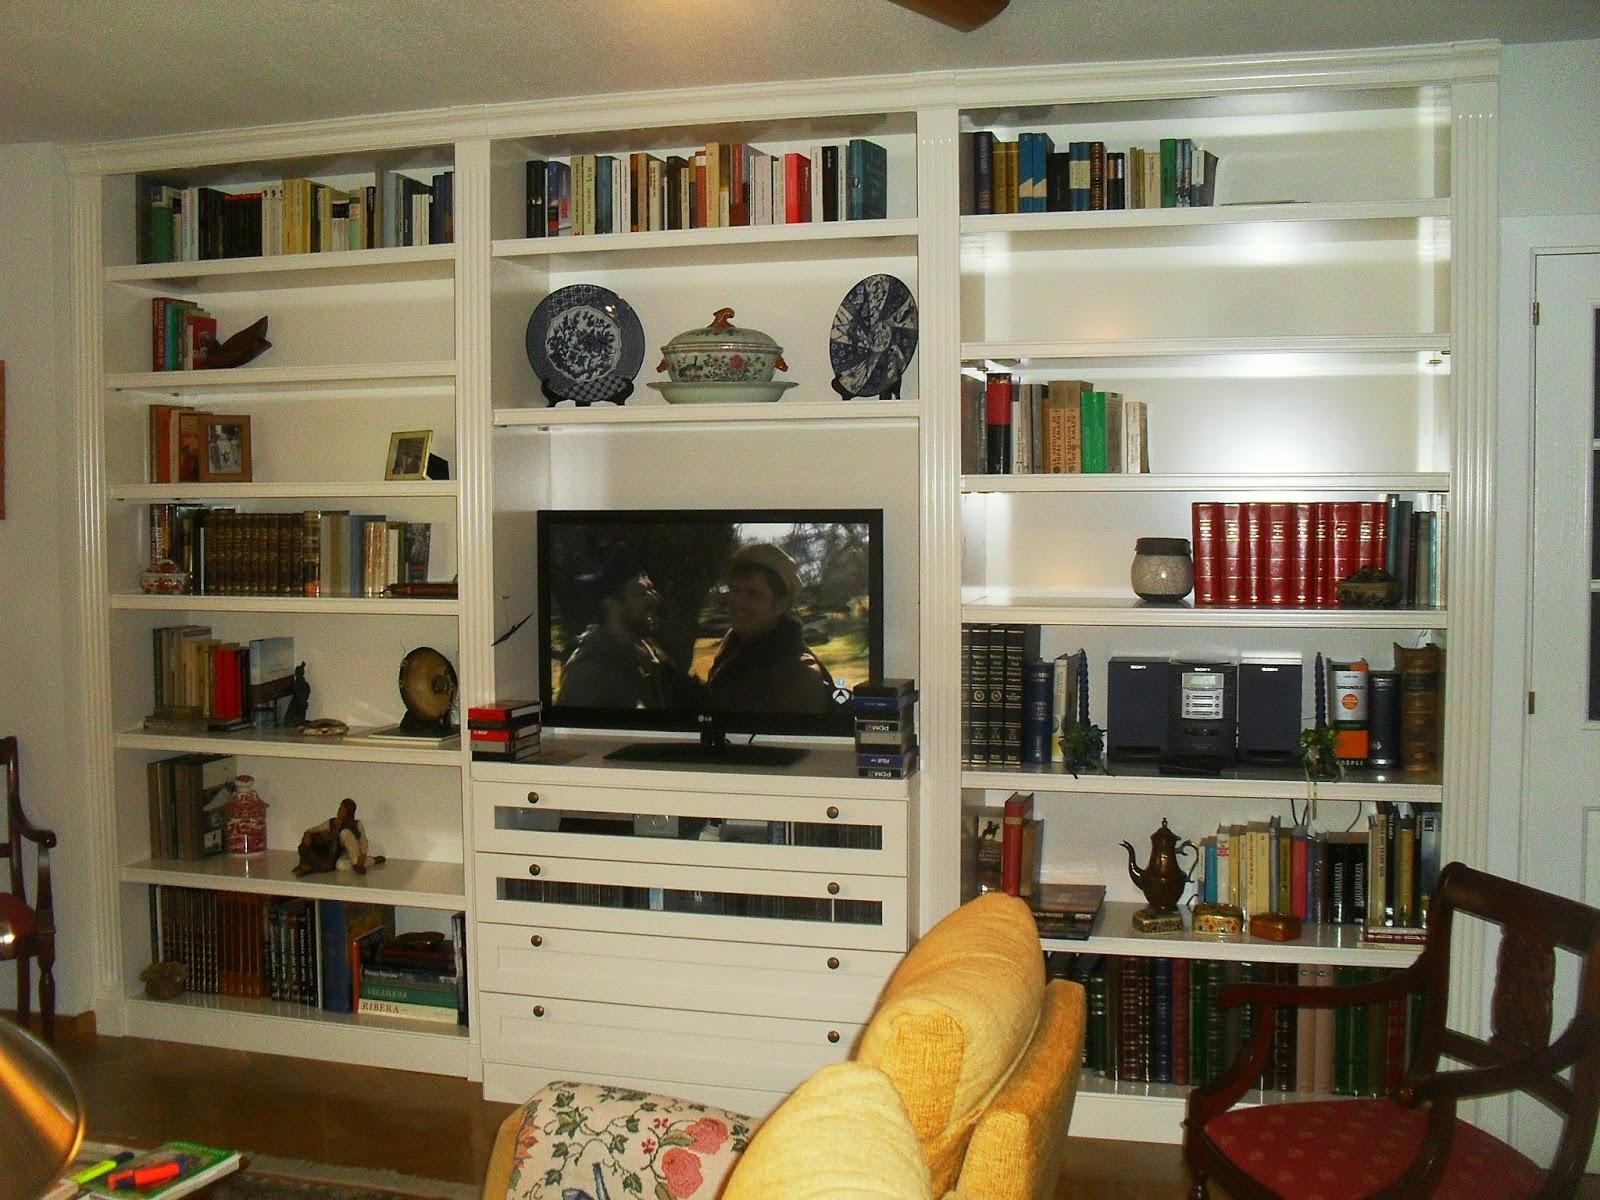 Muebles A Medida En Madrid Tapizado De Muebles A Medida Madrid  # Muebles Pozuelo